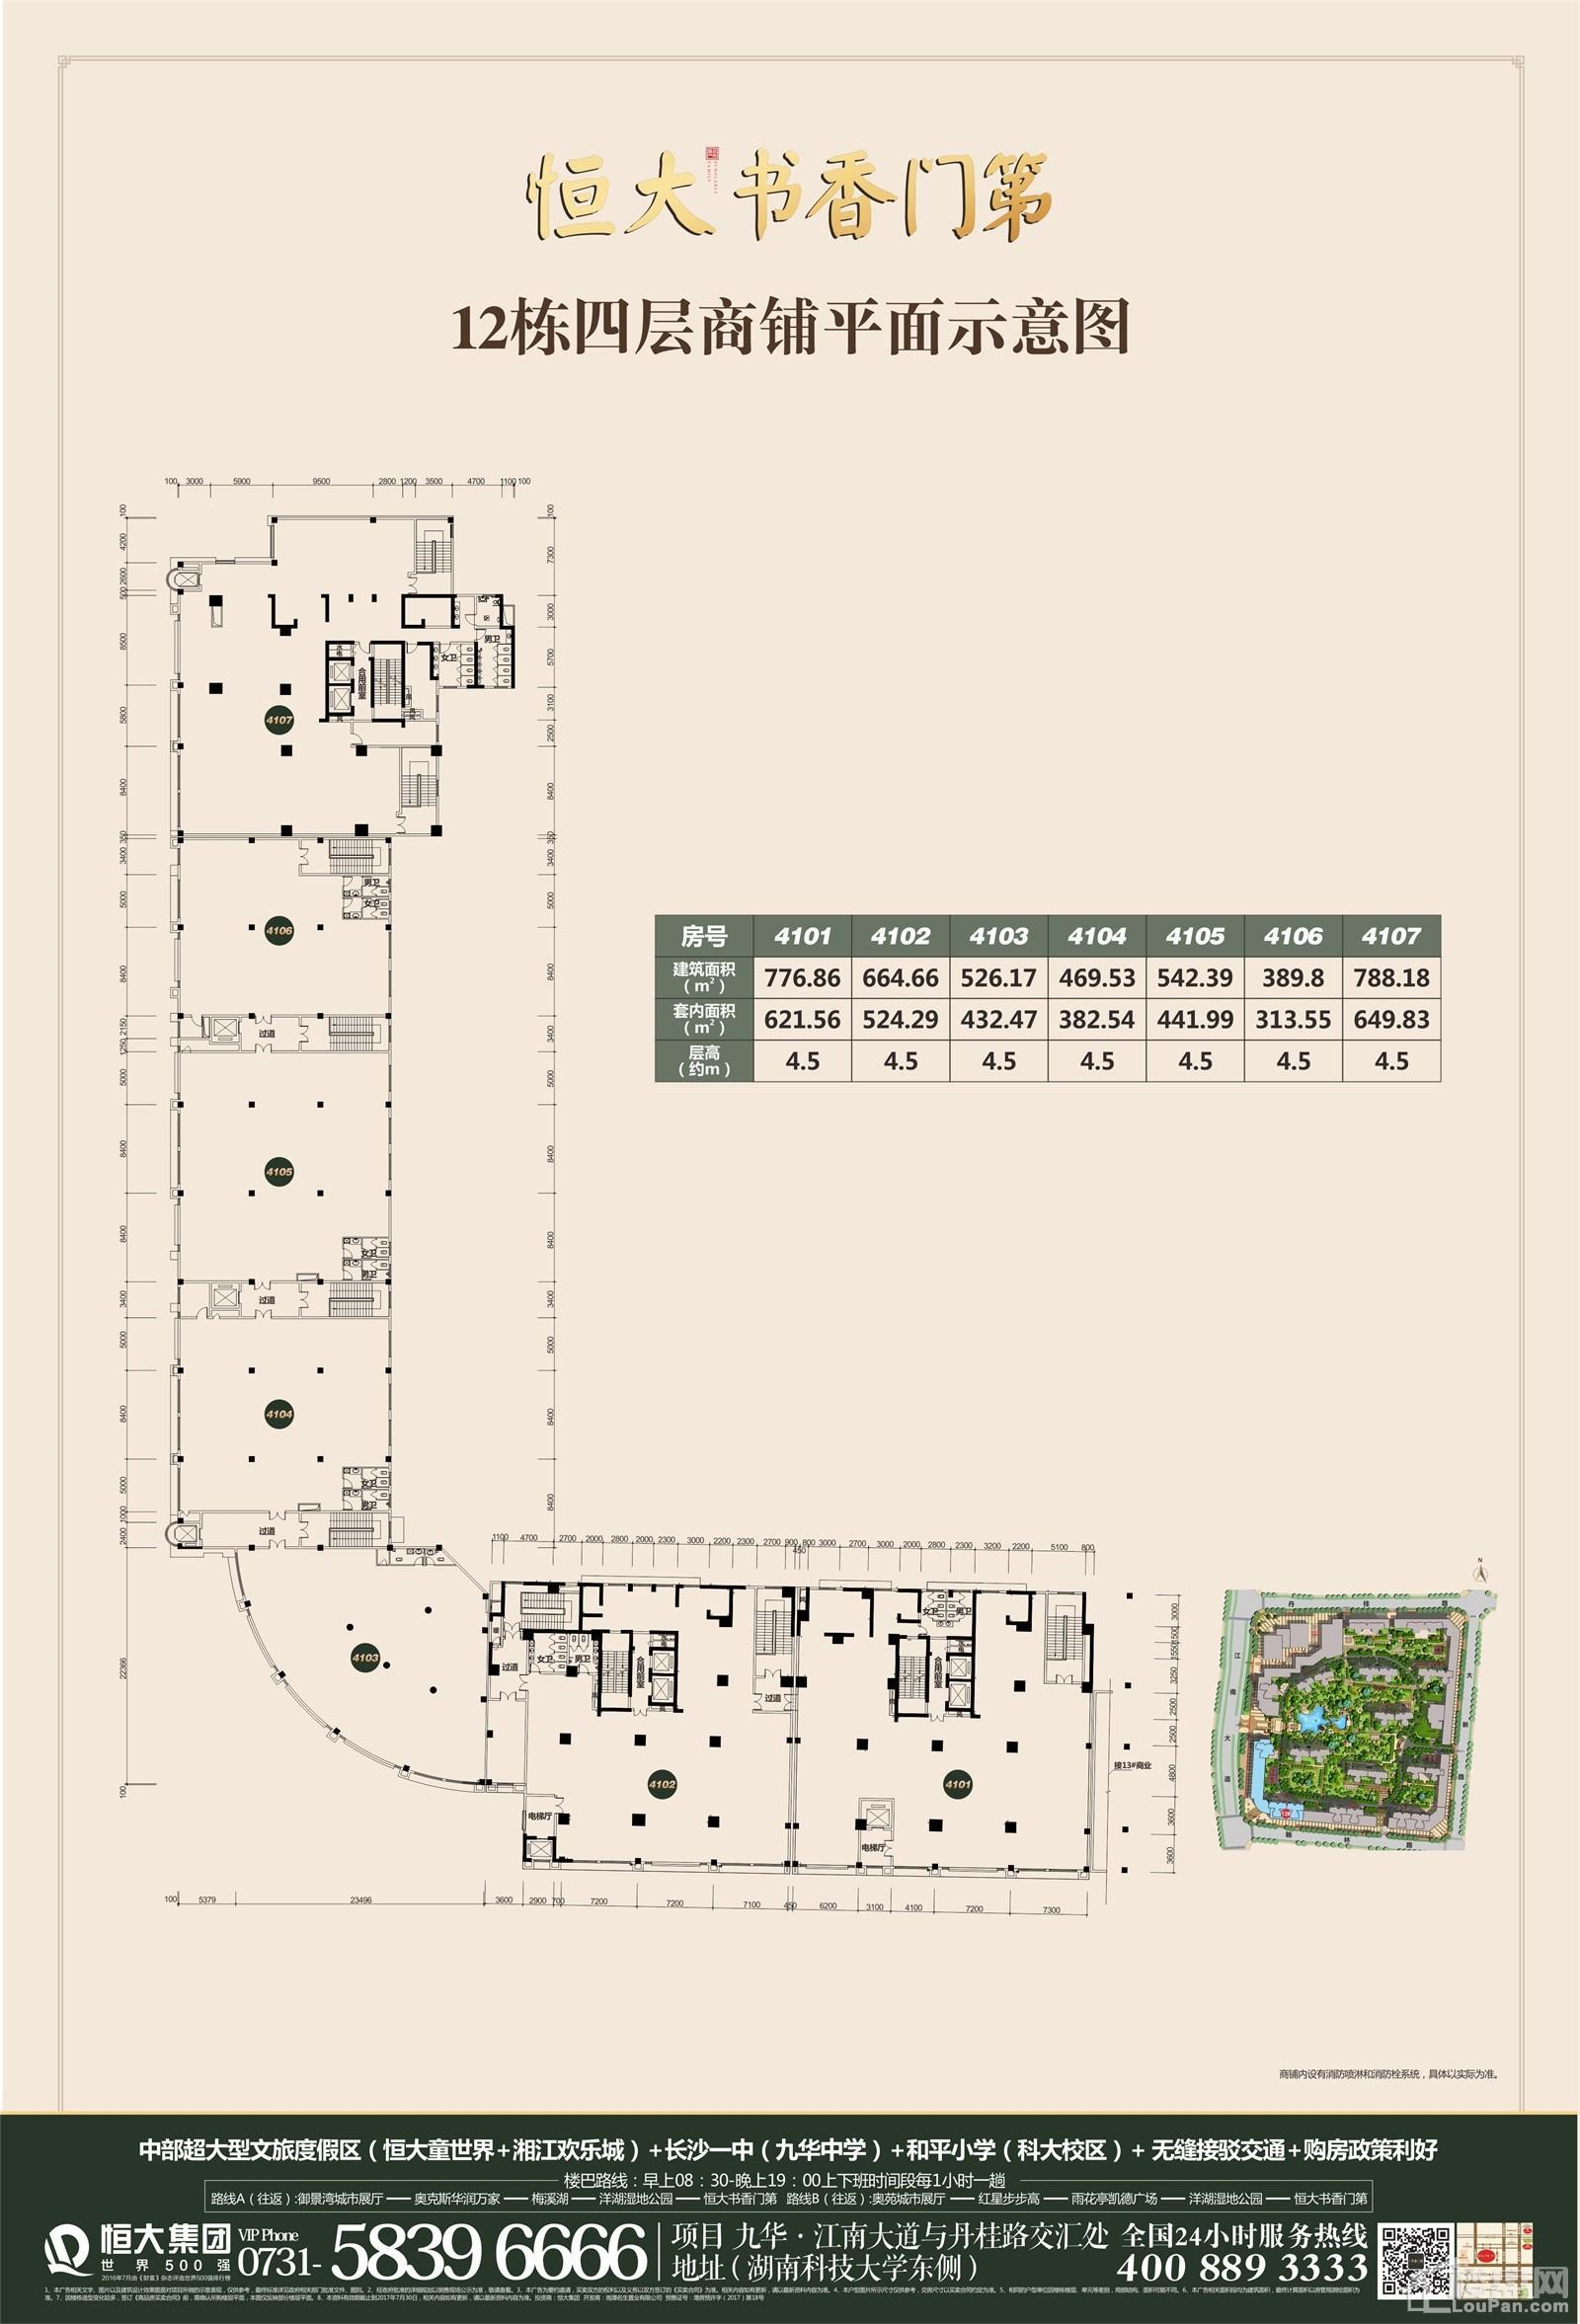 湘潭恒大书香门第12号栋商铺户型图